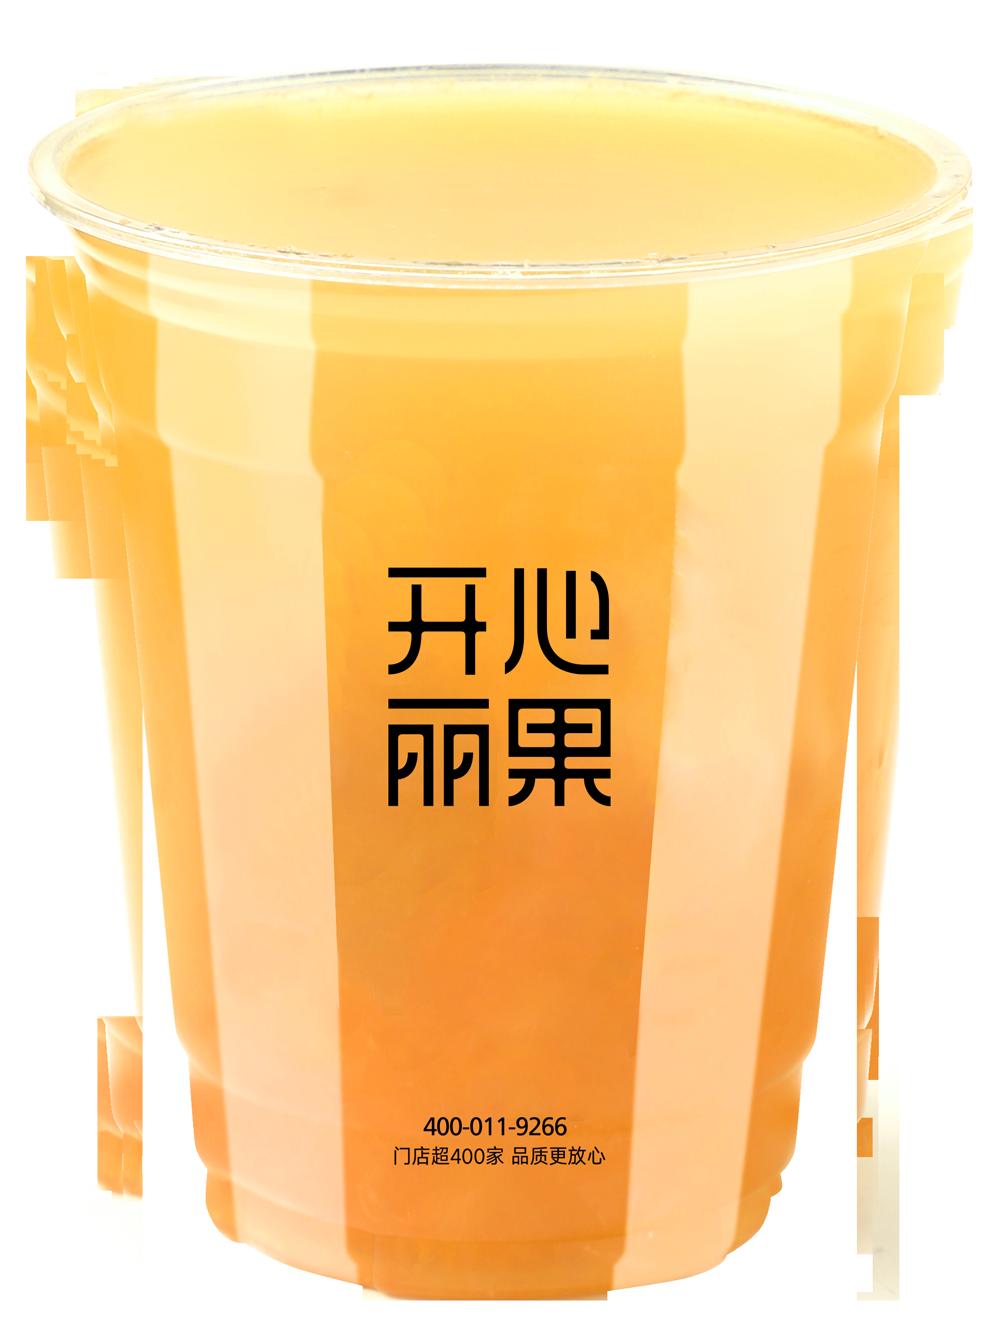 苹果雪梨汁.png